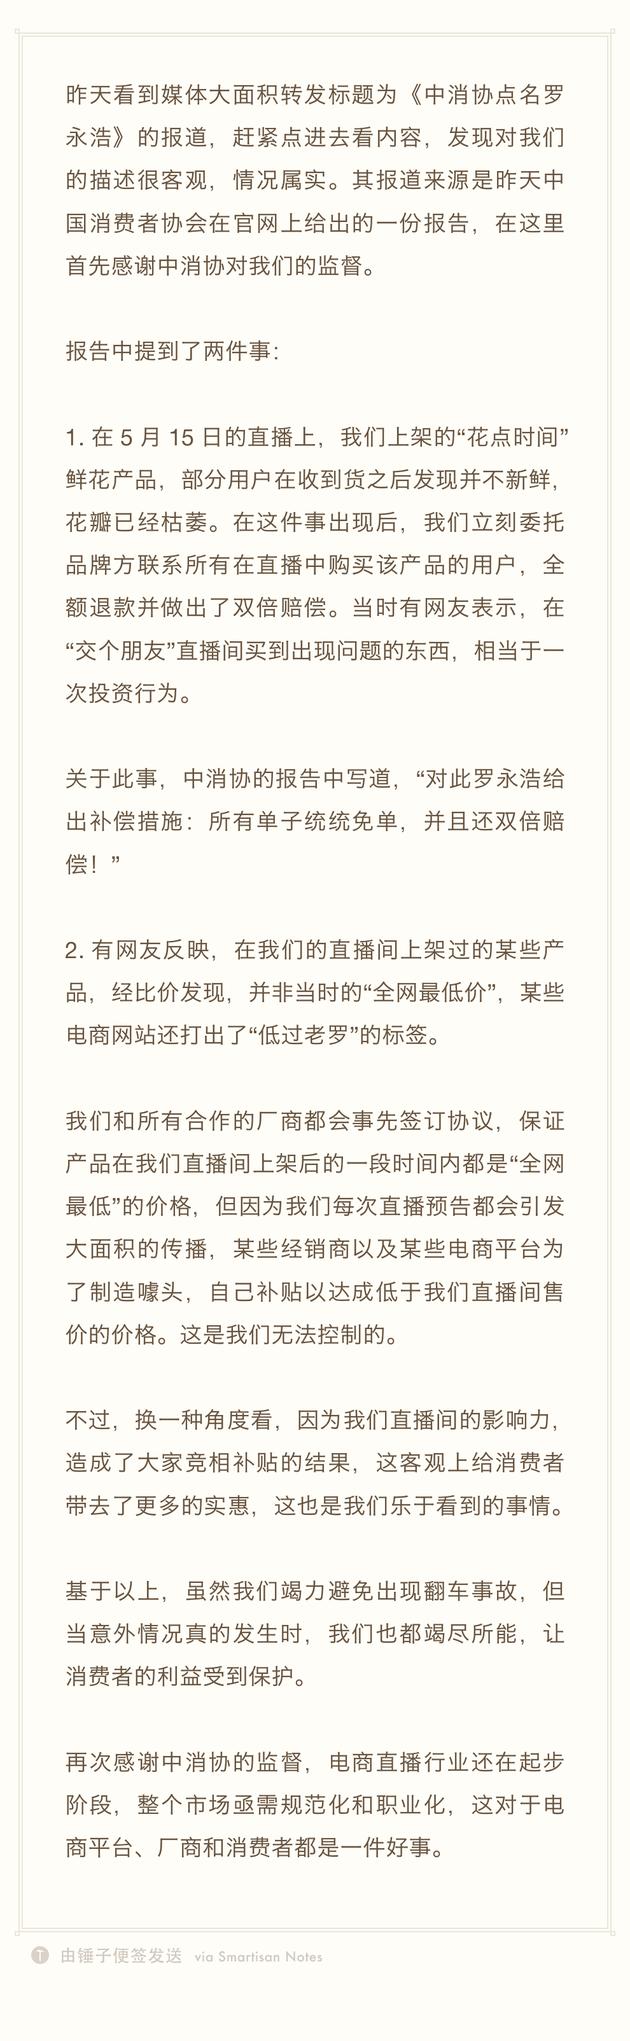 罗永浩回应被中消协点名:感谢监督 竭力保护消费者权益